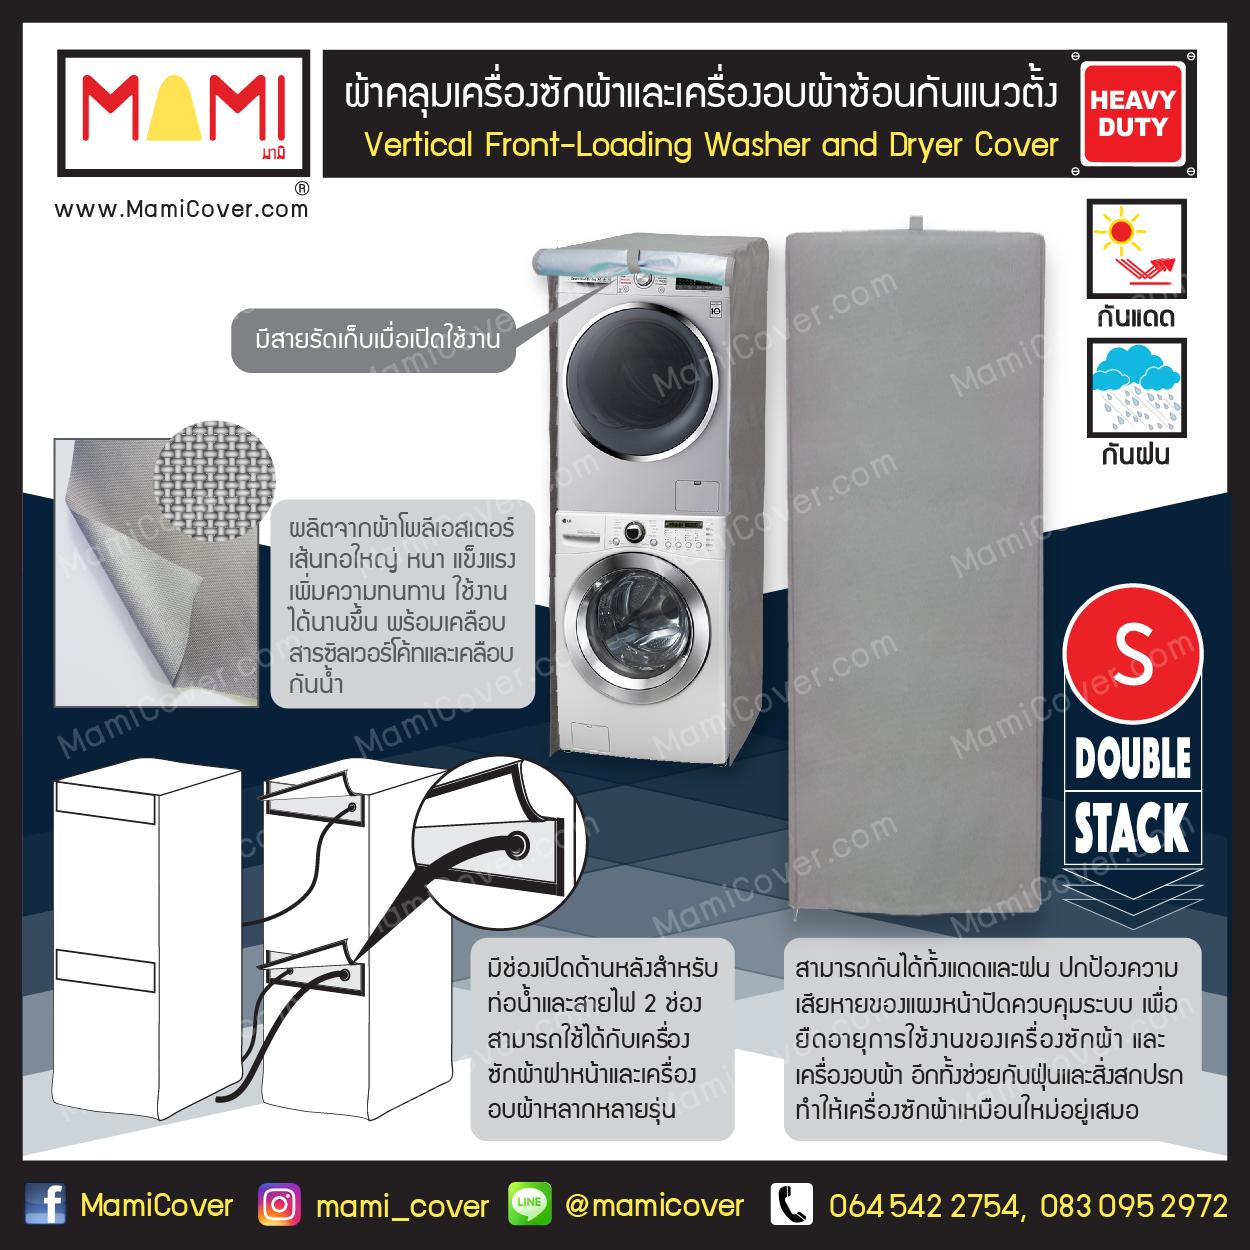 ผ้าคลุมเครื่องซักผ้าและเครื่องอบผ้าซ้อนกันแนวตั้ง Mami กันฝุ่น กันแดด กันฝน มีช่องร้อยท่อน้ำและสายไฟ Vertical Front-Loading Washer and Dryer Smart Cover